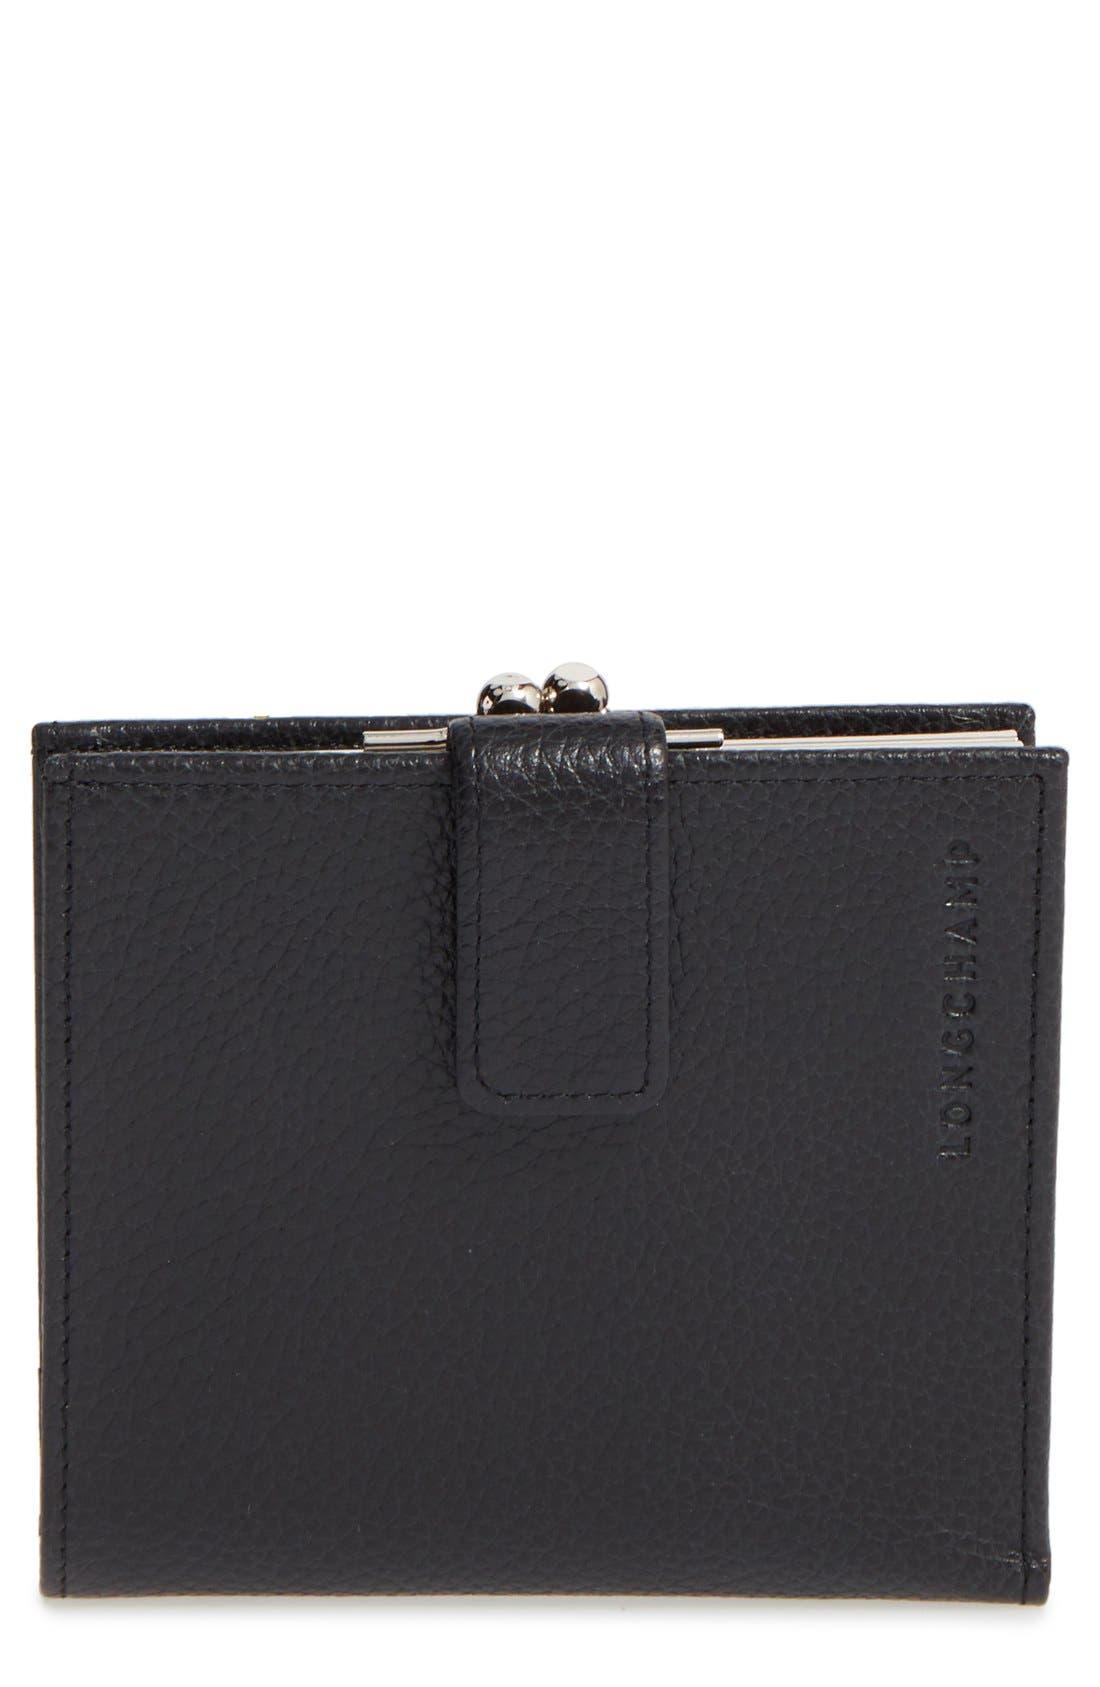 'Le Foulonne' Pebbled Leather Wallet,                             Main thumbnail 1, color,                             BLACK